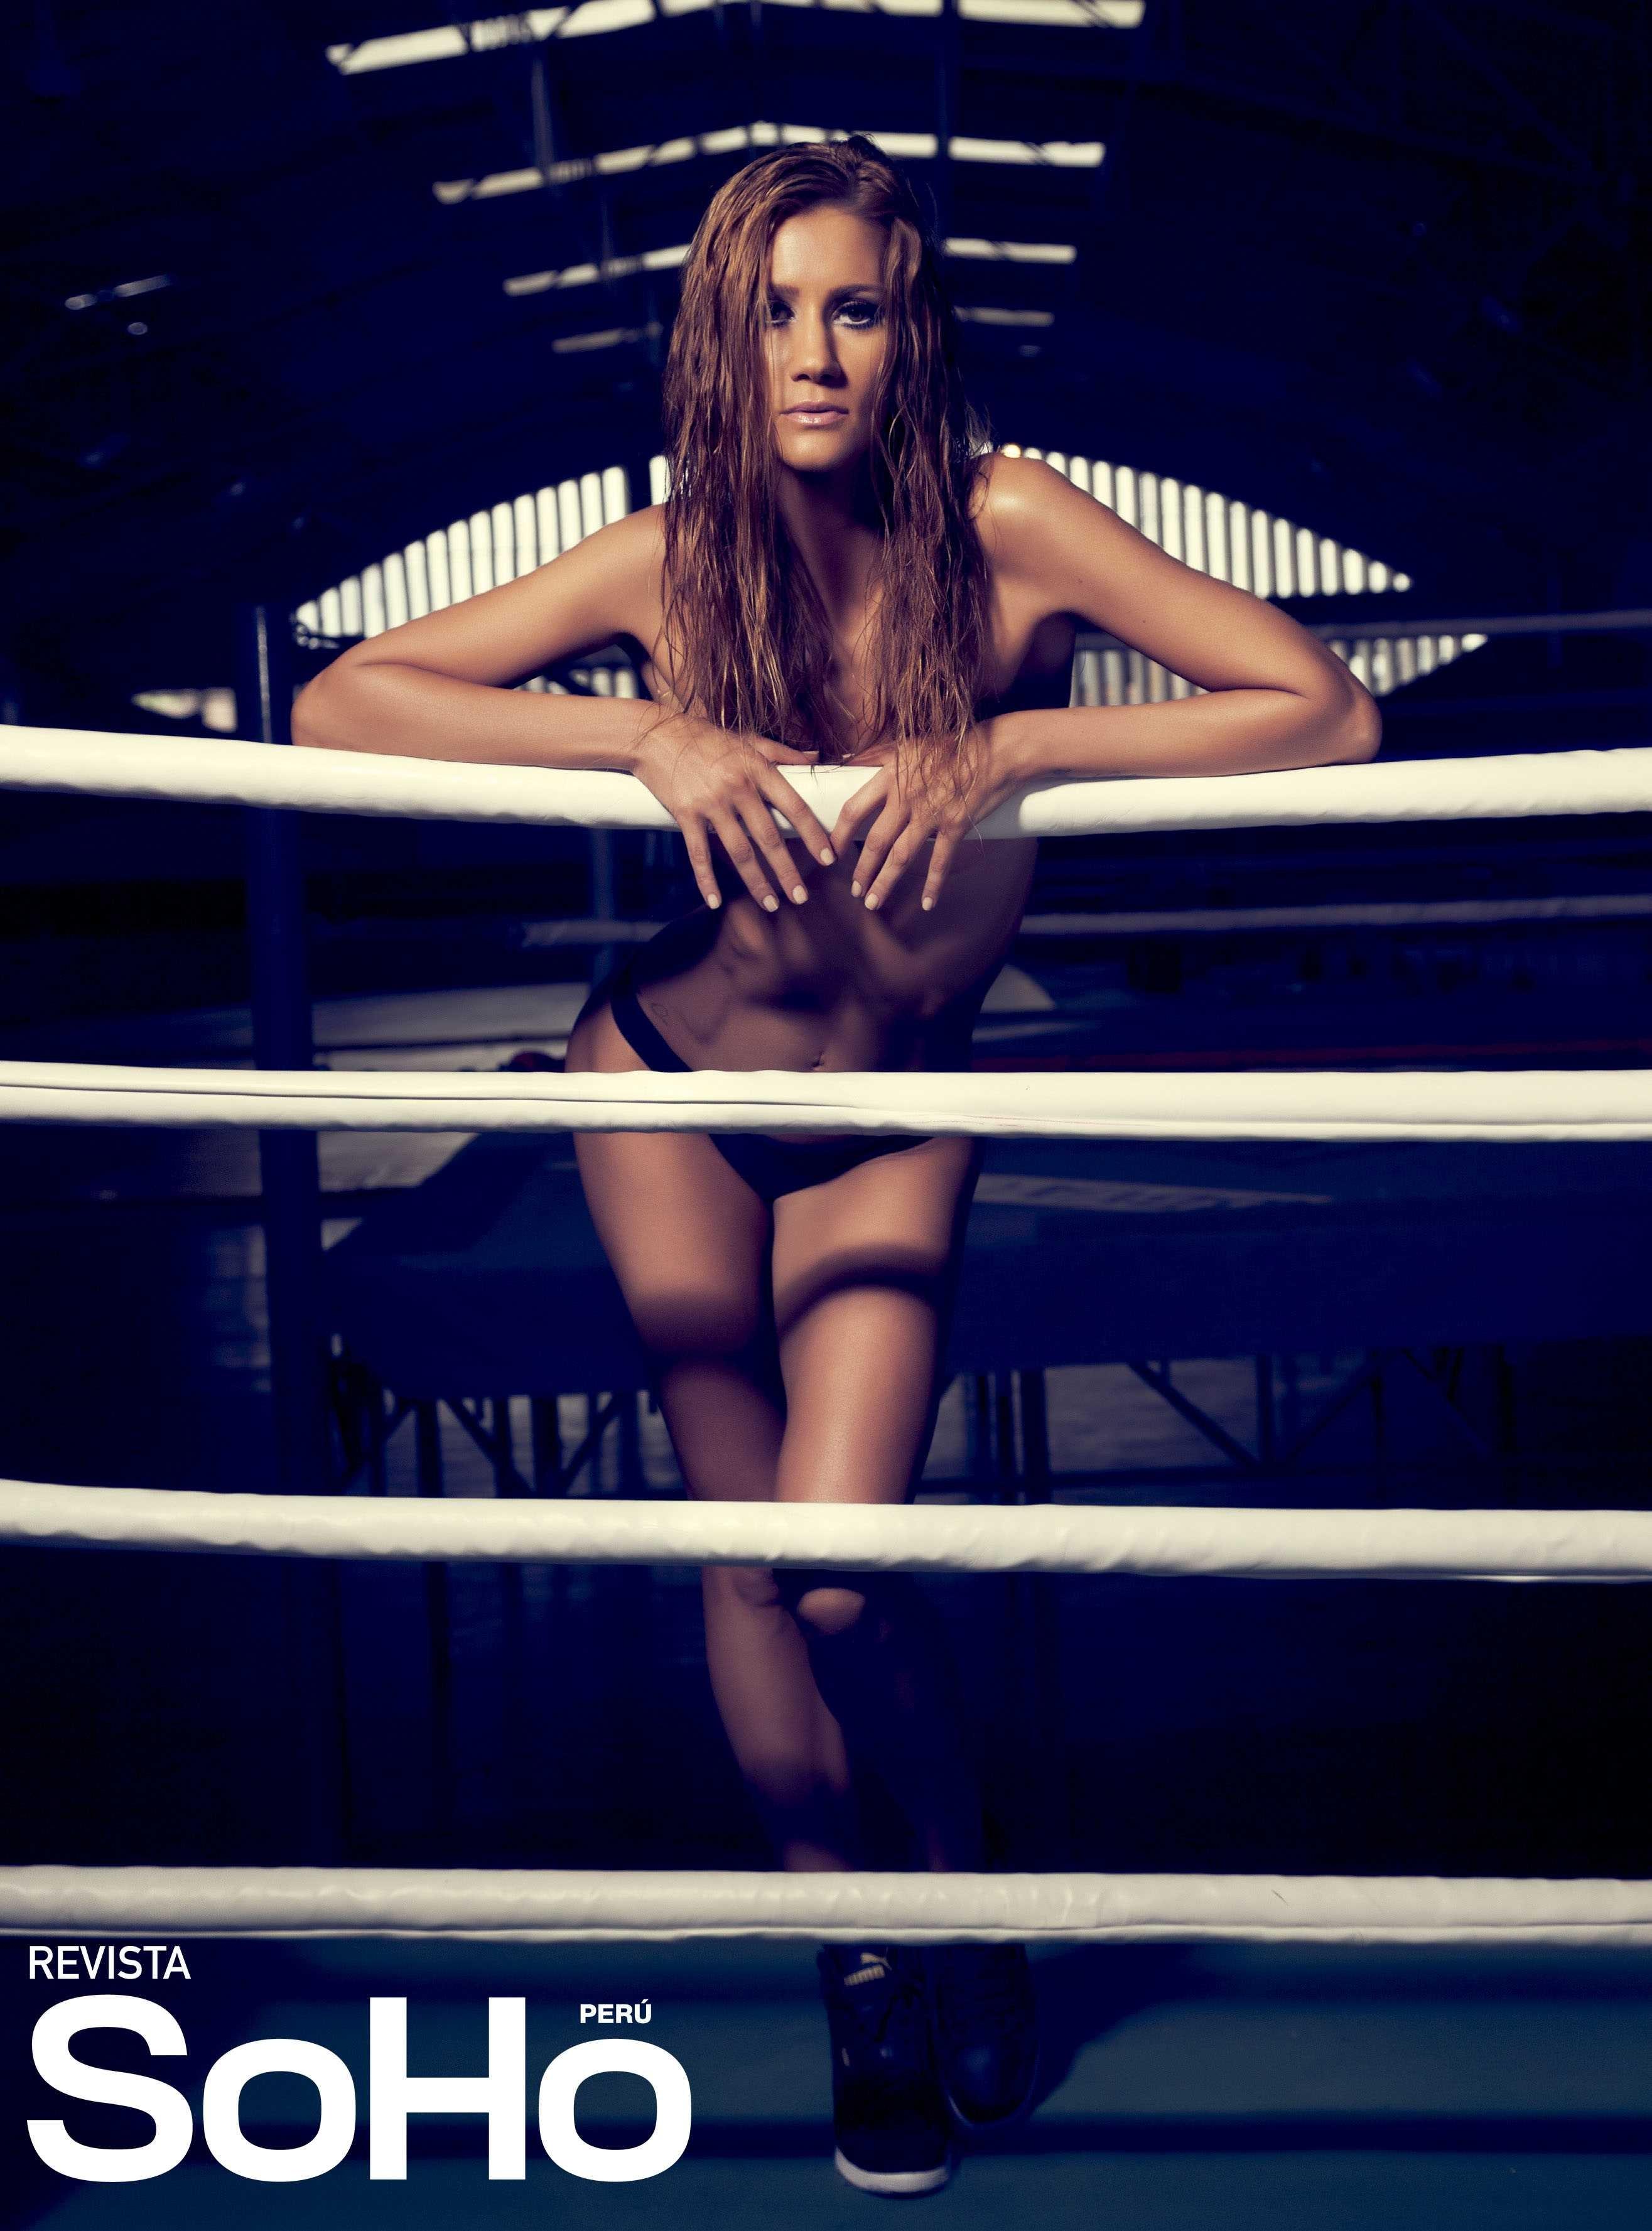 аргентинско-перуанская спортивная фанатка, модель и телеведущая Рохио Гомес / Rocio Gomez